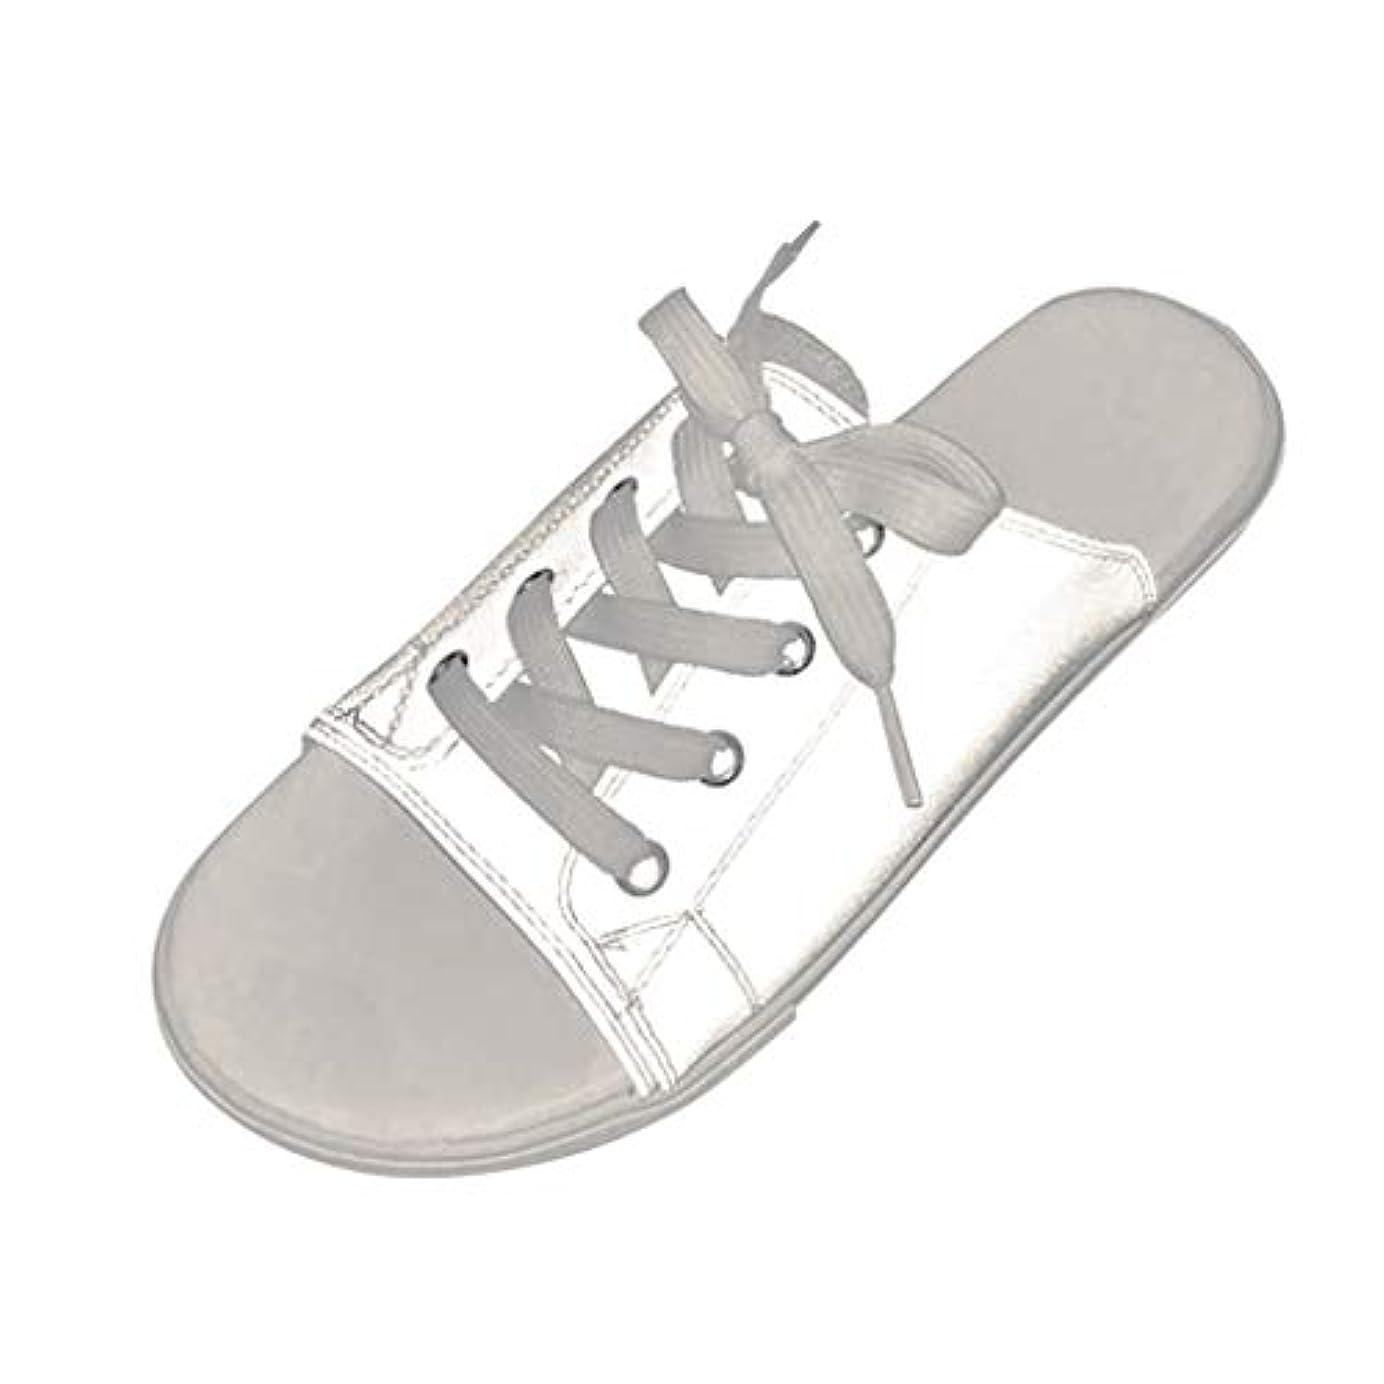 全体保全時代カップルは靴を照らす スリッパシューズ サンダル フラットビーチシューズ 魚の口の靴 輝くサンダル フラットスリッパ レースアップビーチサンダル